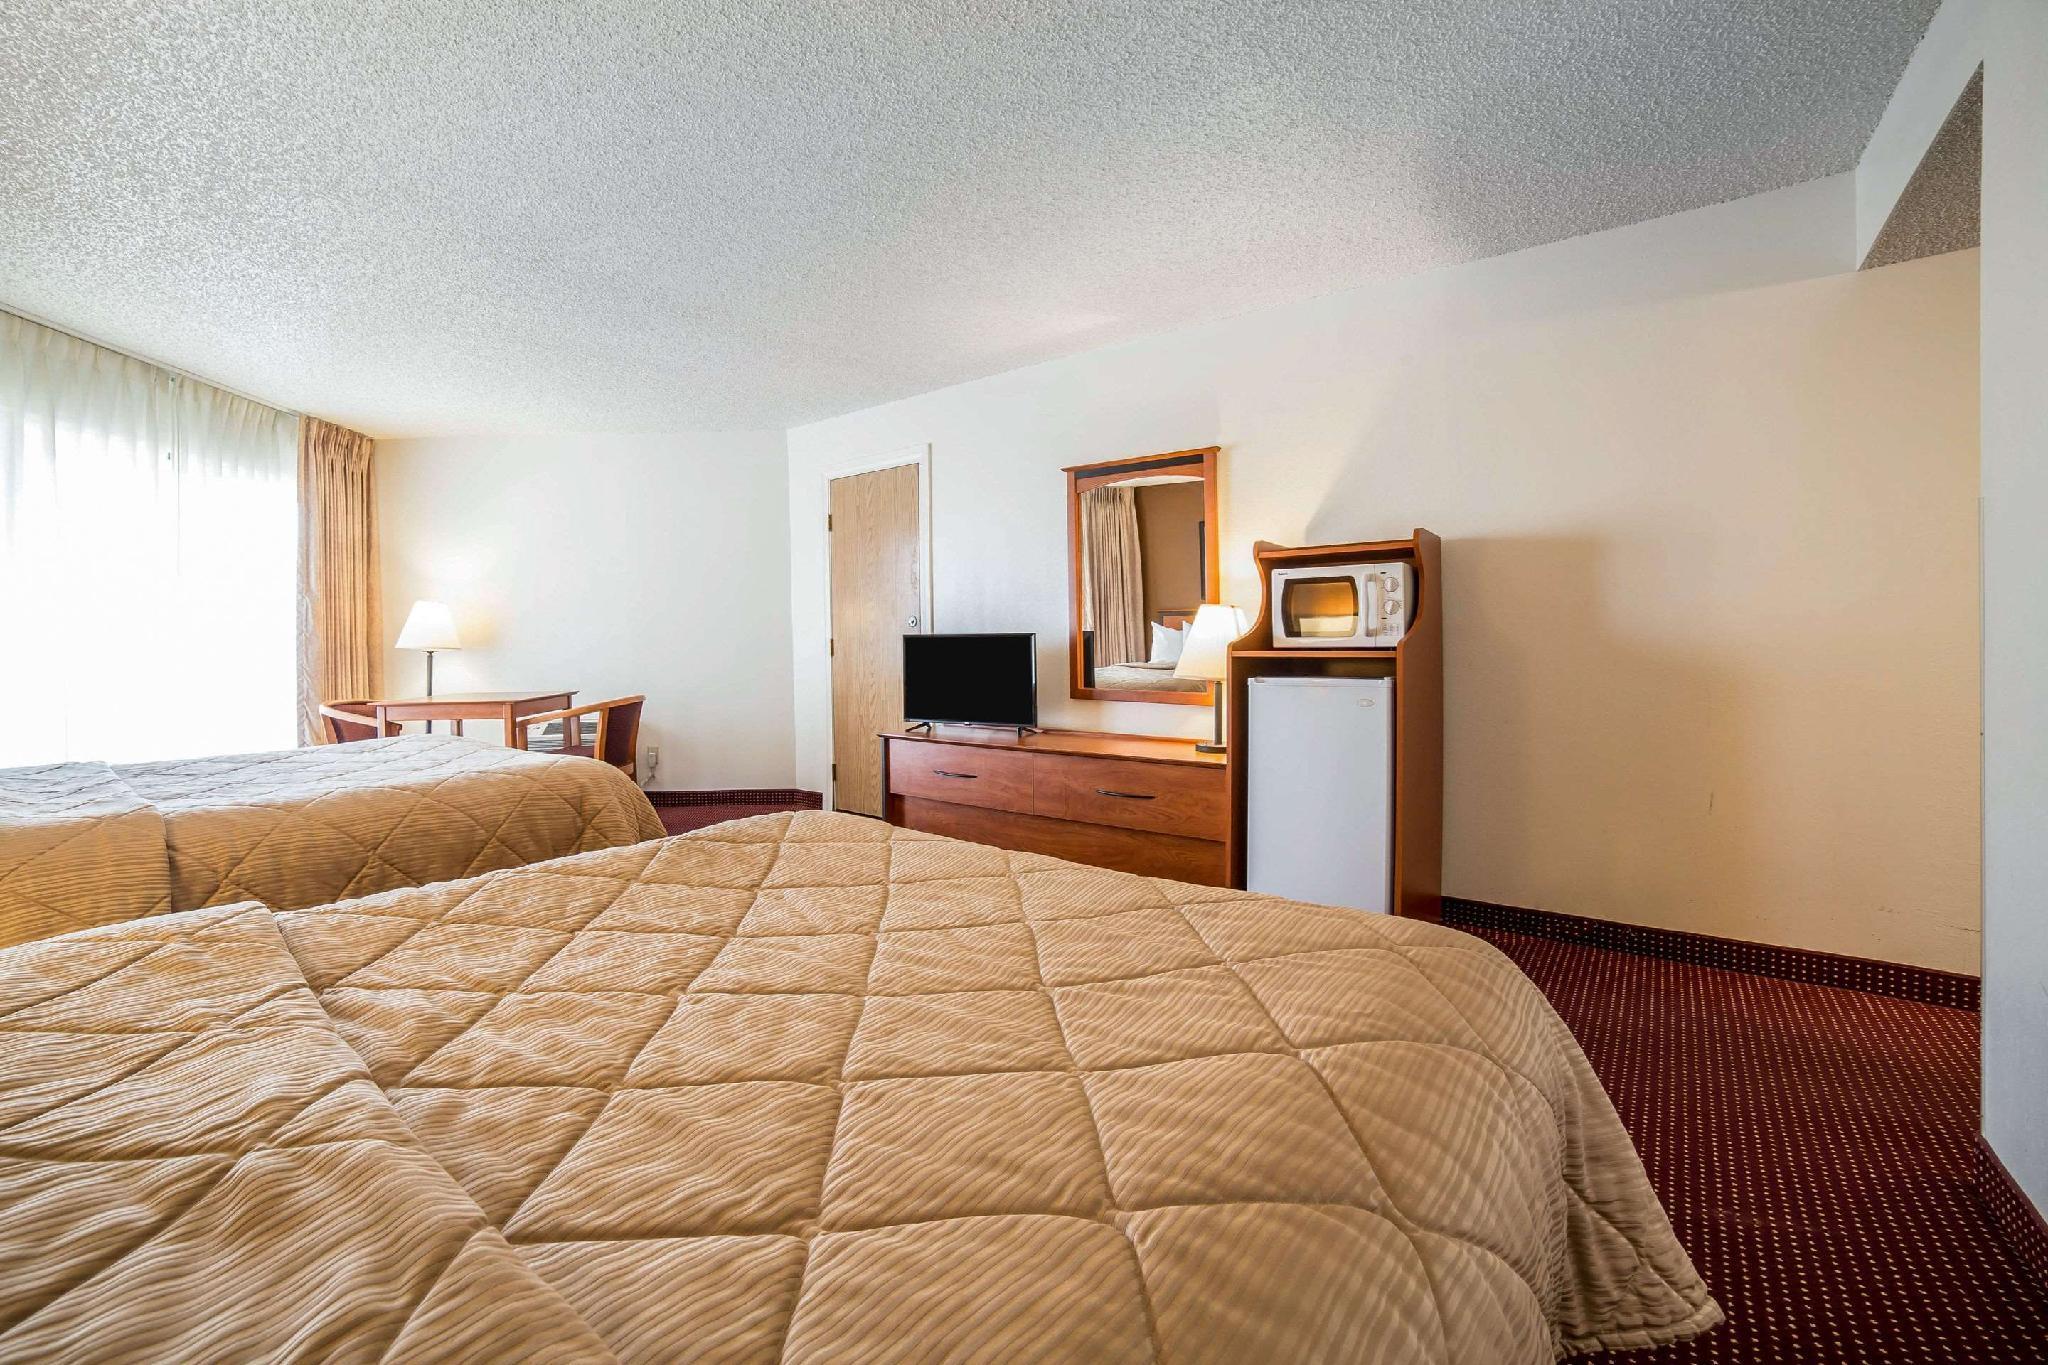 2 Queen Beds, Nonsmoking